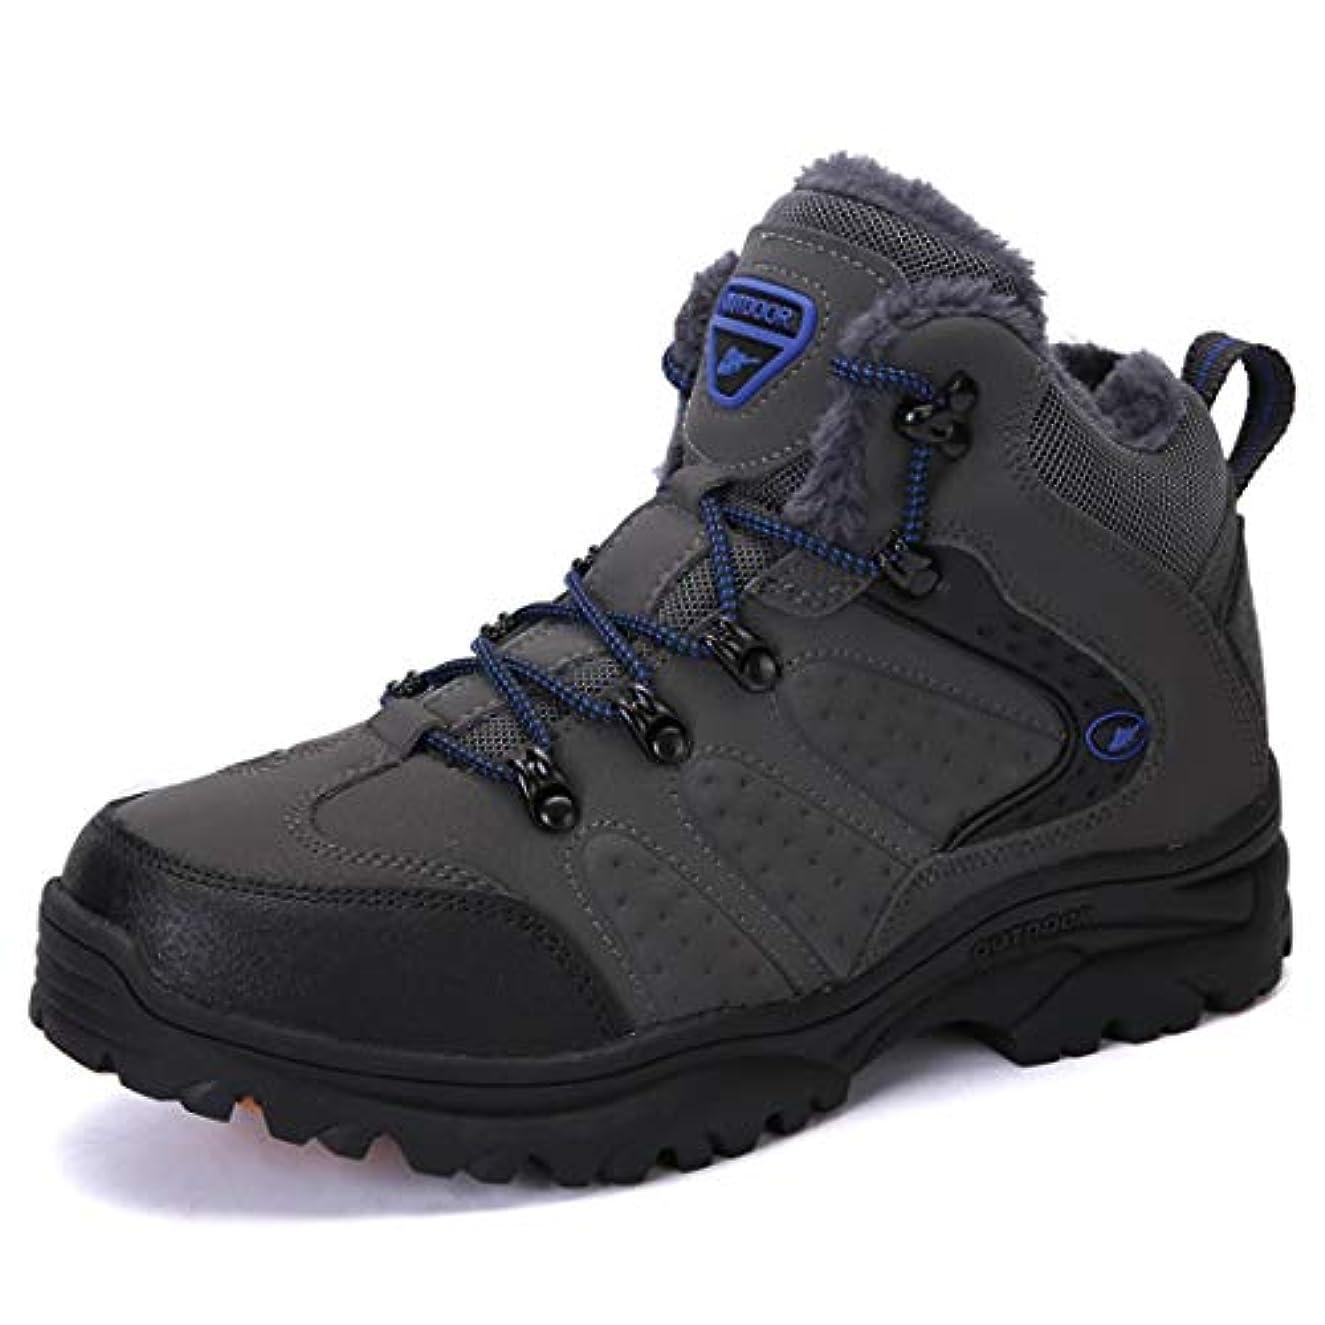 マチュピチュ絶滅した知るハイキングシューズ 防水 トレッキングシューズ 防寒靴 スノーブーツ 軽量 アウトドアスニーカー ス 耐磨耗